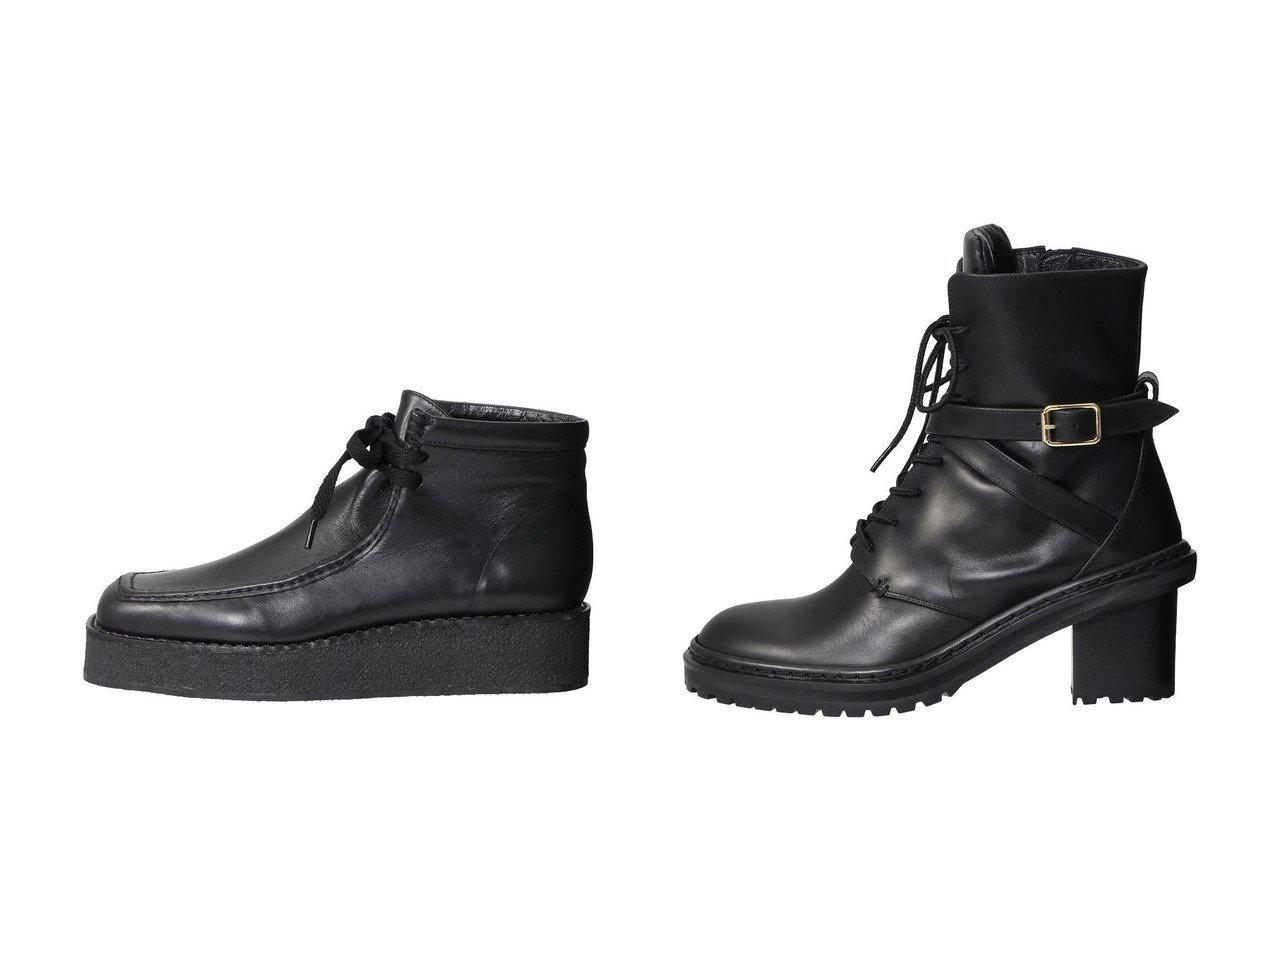 【Pippichic/ピッピシック】のSISSI 厚底モカシンブーツ&OBLIQUE コンバットブーツ 【シューズ・靴】おすすめ!人気、トレンド・レディースファッションの通販 おすすめで人気の流行・トレンド、ファッションの通販商品 インテリア・家具・メンズファッション・キッズファッション・レディースファッション・服の通販 founy(ファニー) https://founy.com/ ファッション Fashion レディースファッション WOMEN 2021年 2021 2021-2022秋冬・A/W AW・Autumn/Winter・FW・Fall-Winter・2021-2022 A/W・秋冬 AW・Autumn/Winter・FW・Fall-Winter レース おすすめ Recommend シンプル 厚底 |ID:crp329100000053502